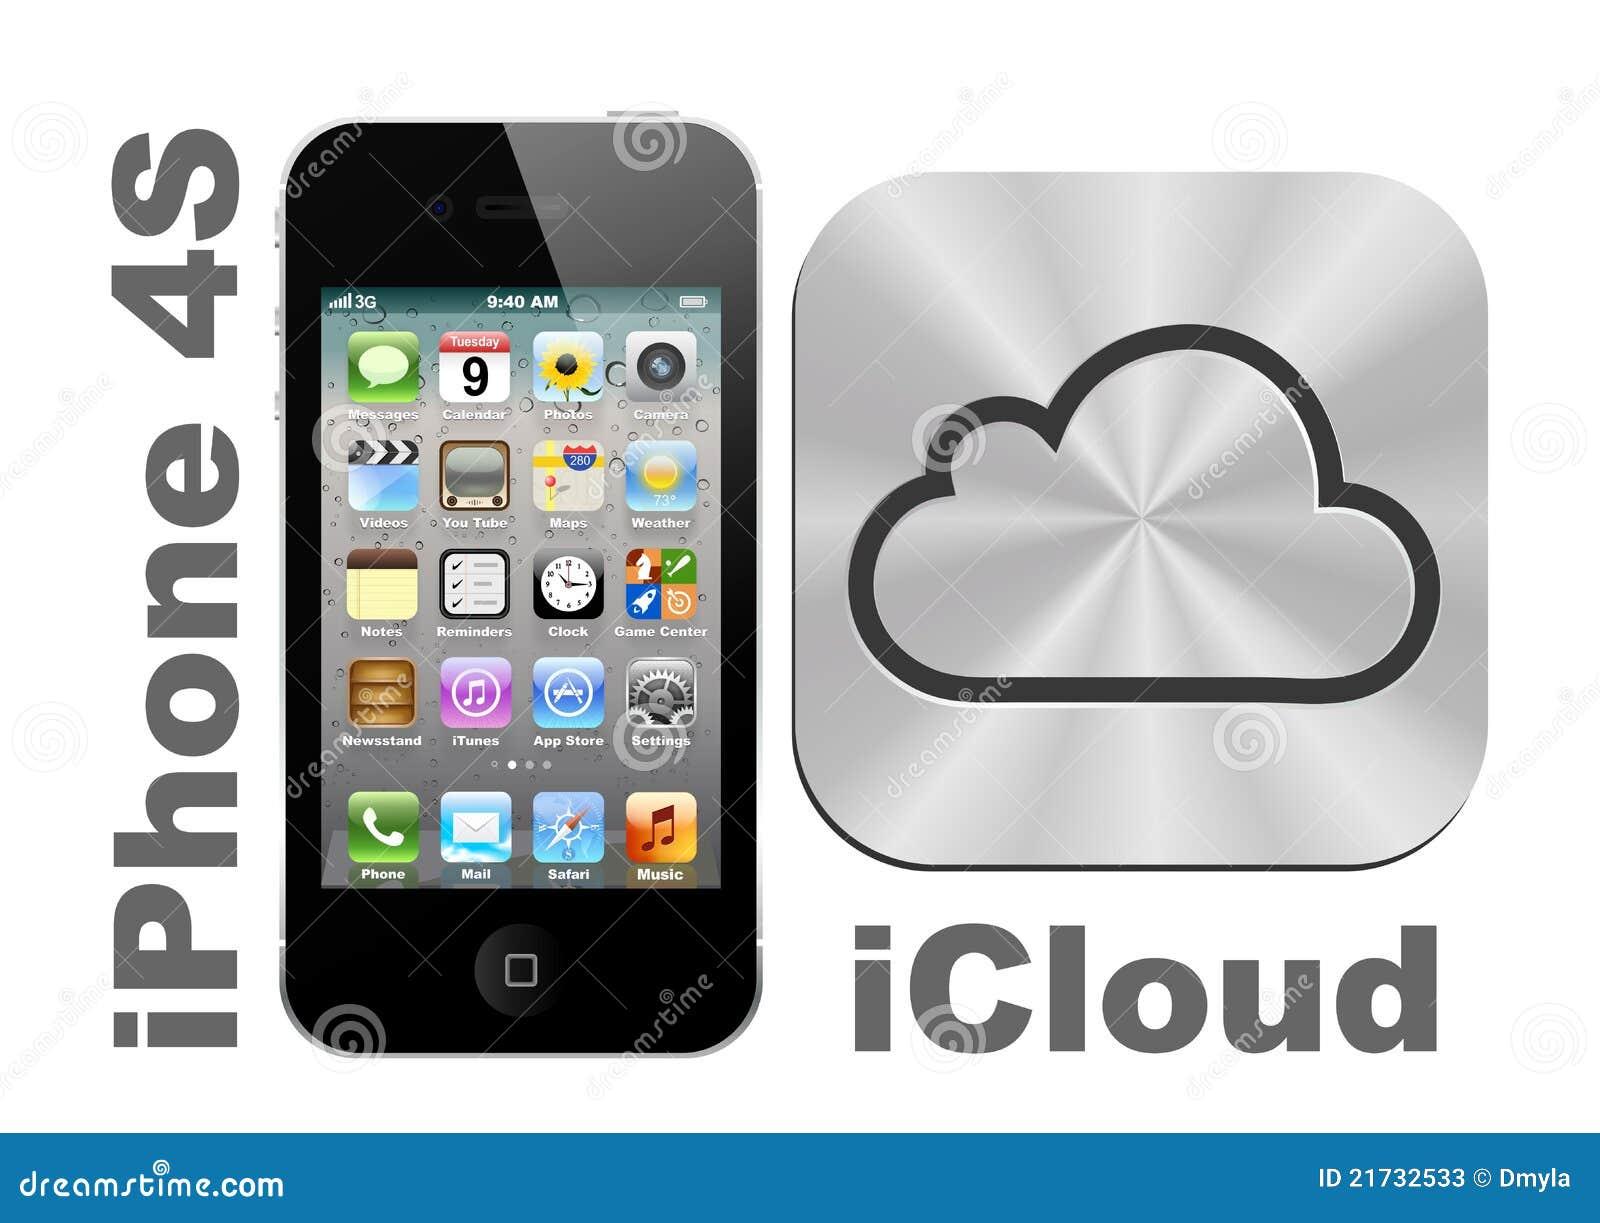 Разблокировка iphone 4s от apple id своими руками